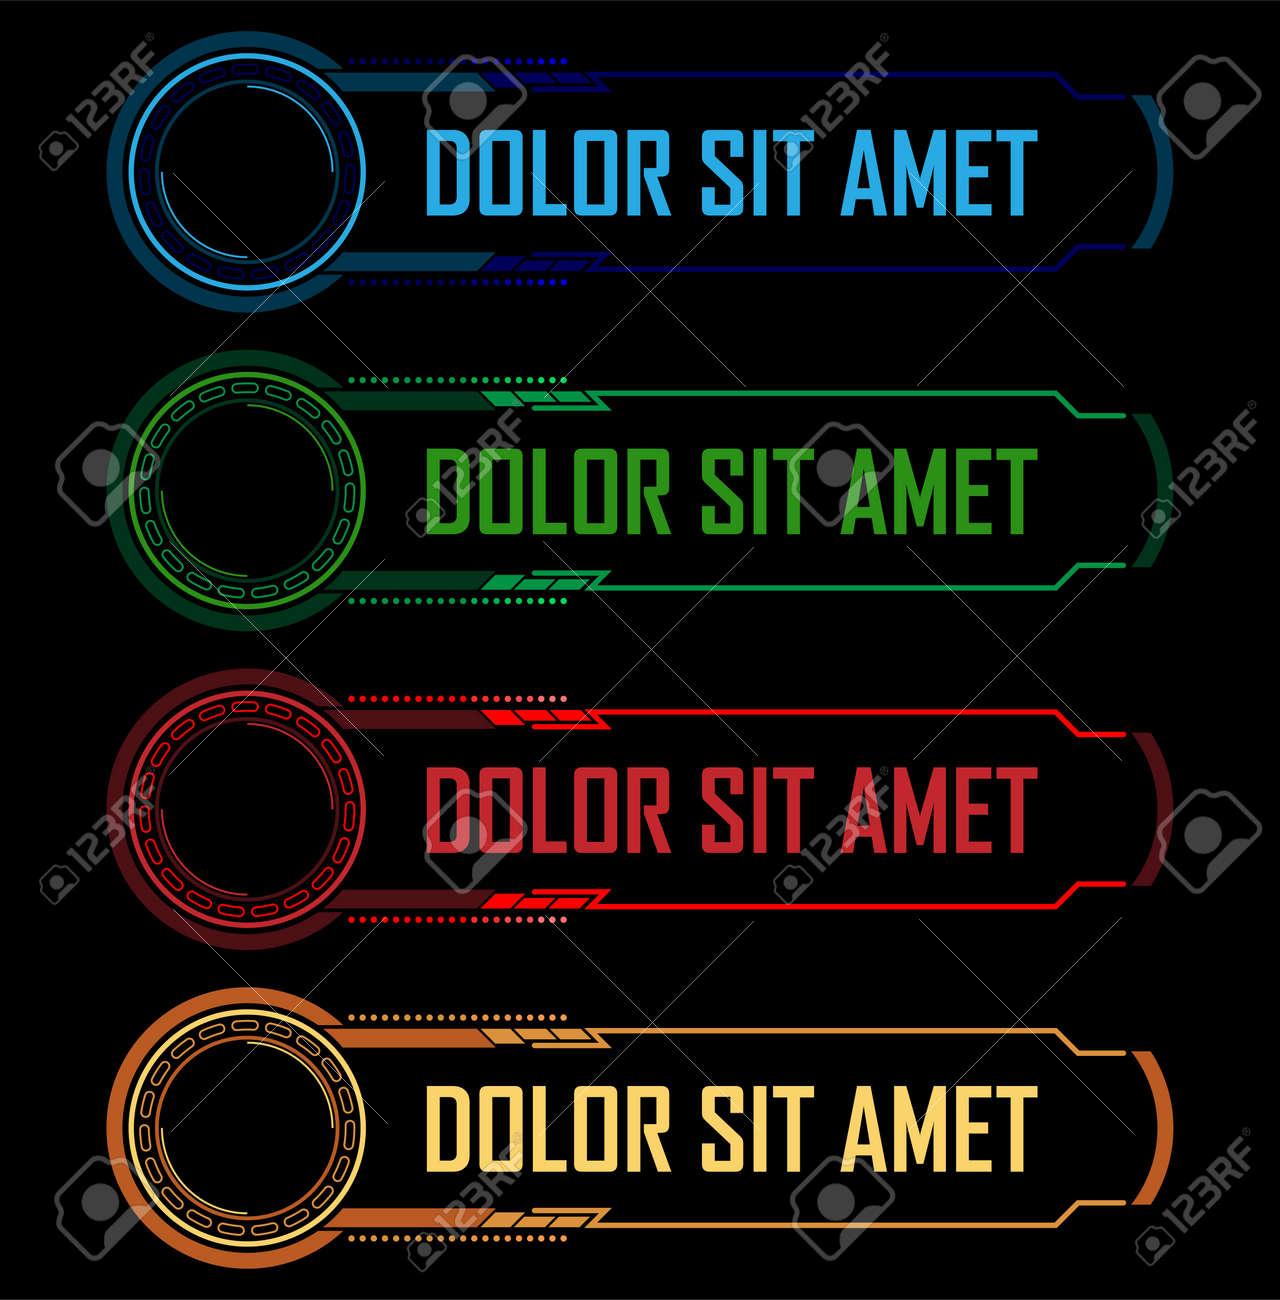 Colorful hi-tech buttons vector set - 44354286